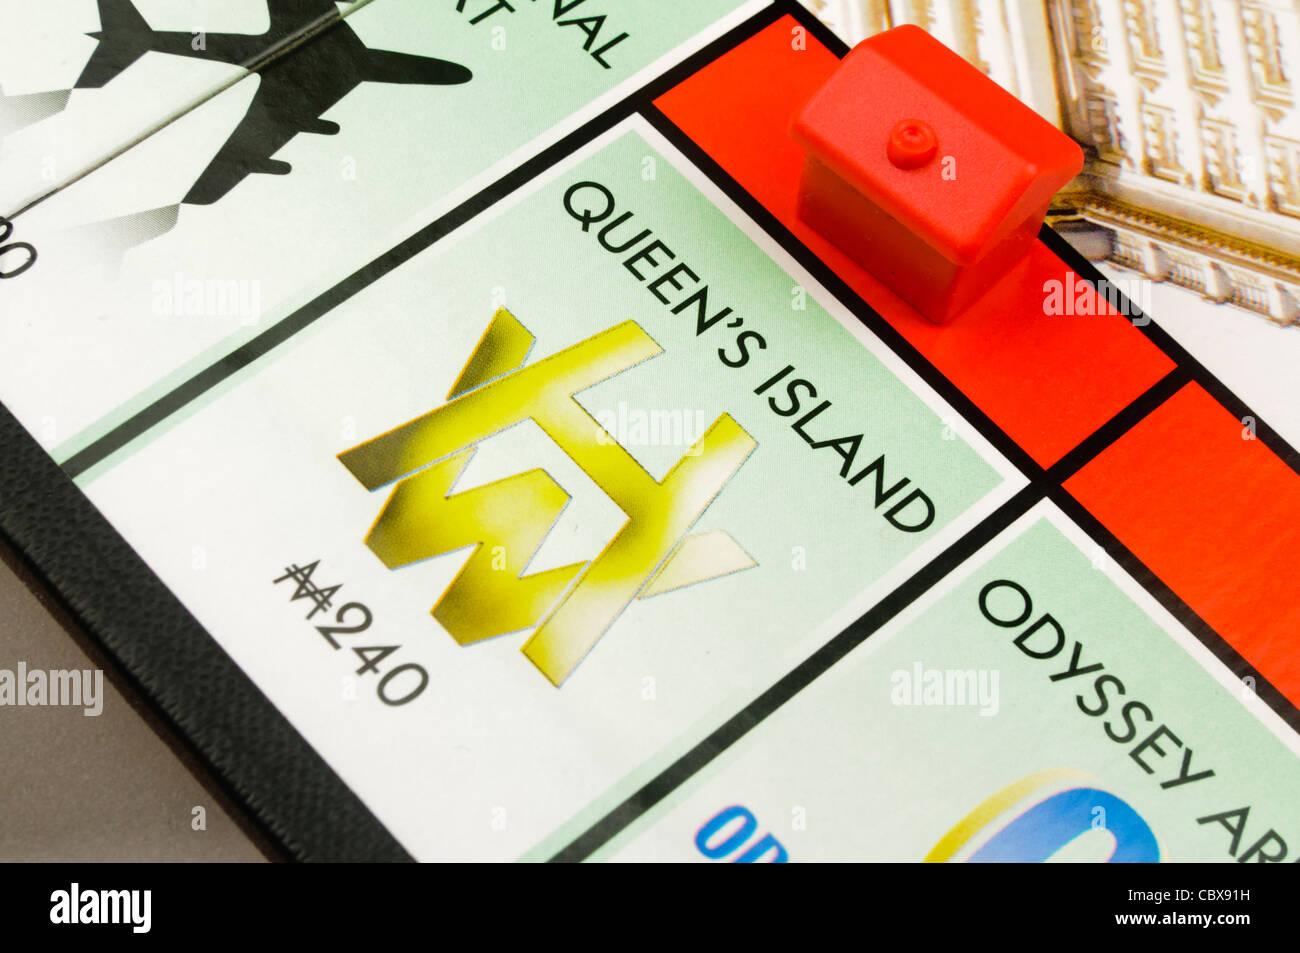 Belfast-Monopol: Bau eines Hotels auf Königin der Insel Stockbild